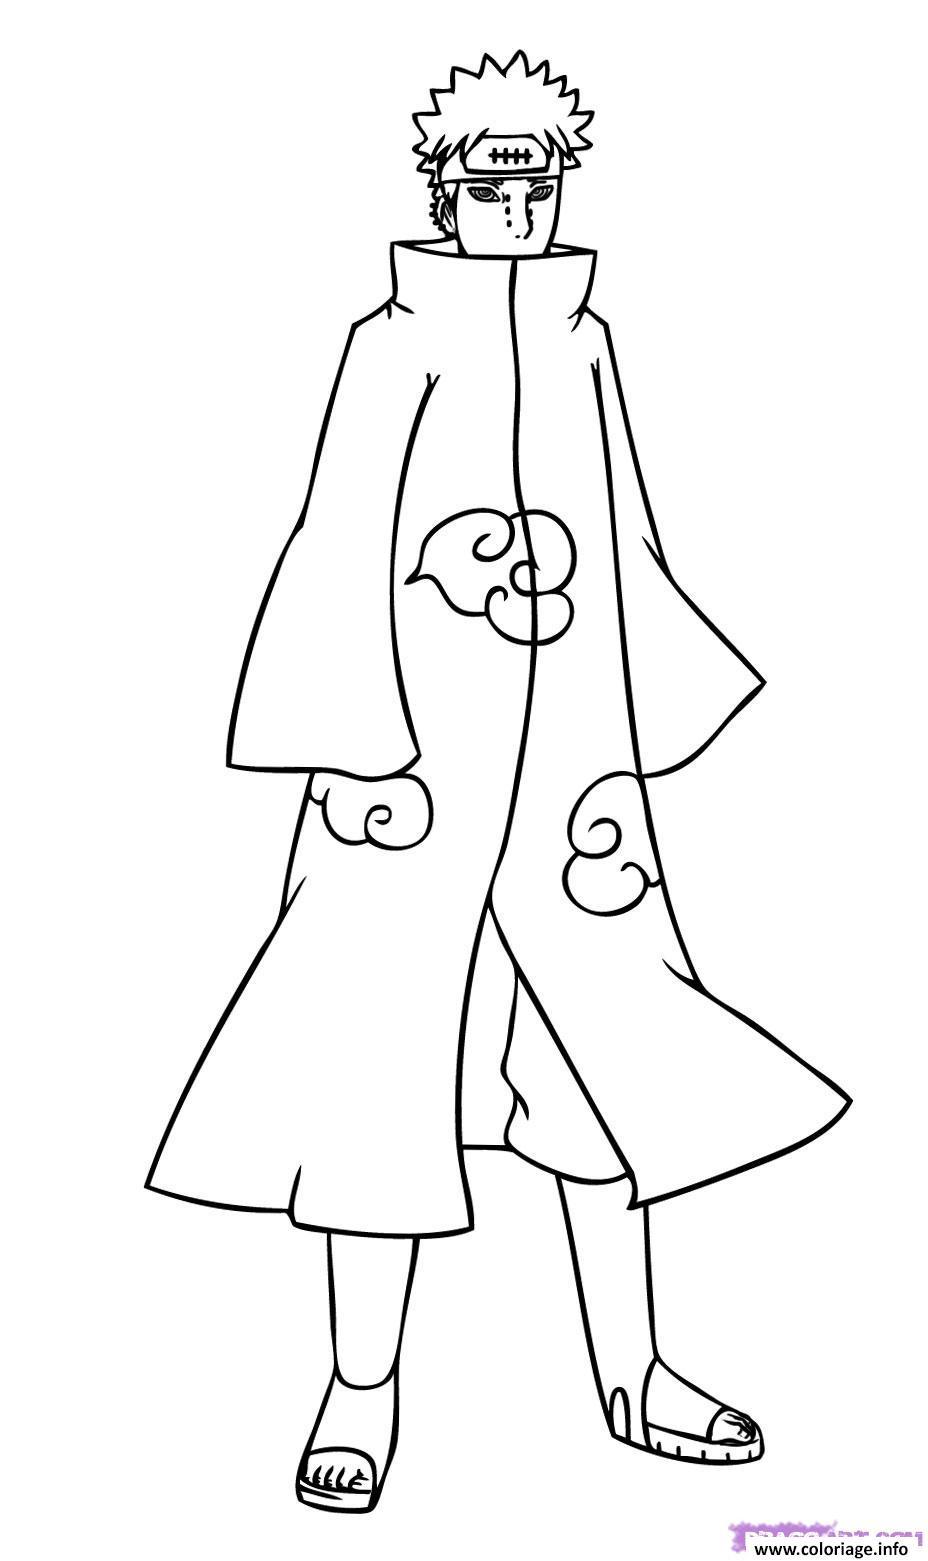 Coloriage manga naruto 163 dessin - Dessin de naruto a colorier ...